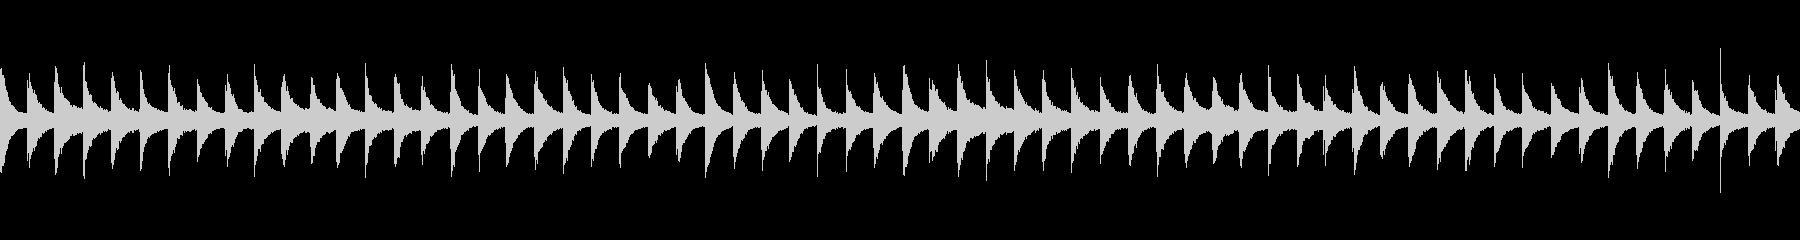 恐怖をあおる鉄琴(グロッケンシュピール)の未再生の波形